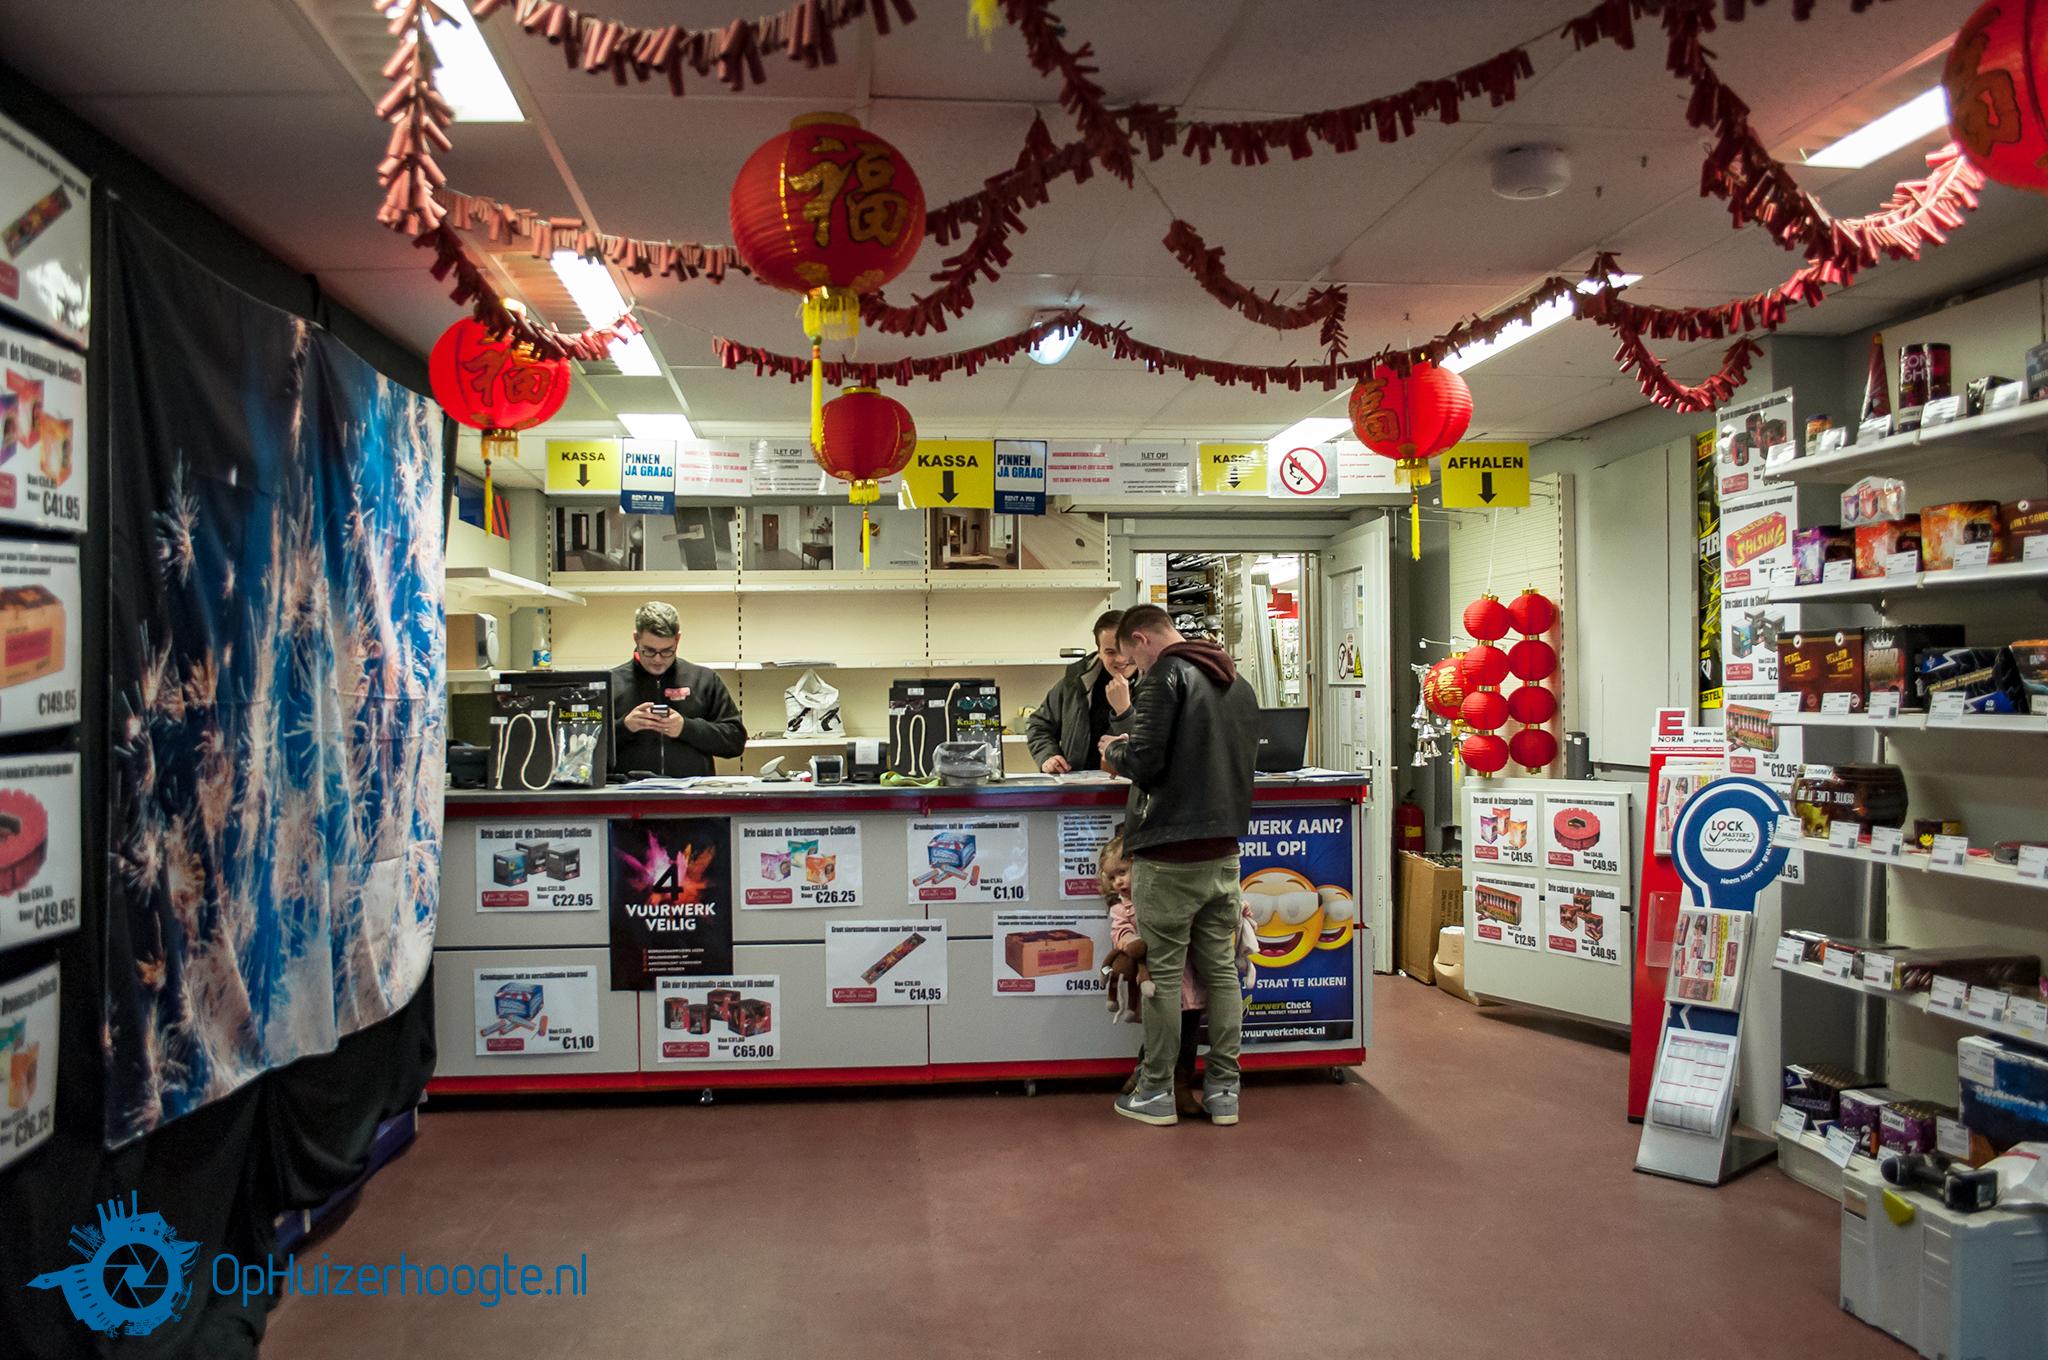 Vos Ijzerhandel Huizen : Het is weer tijd voor vuurwerk! ophuizerhoogte.nl